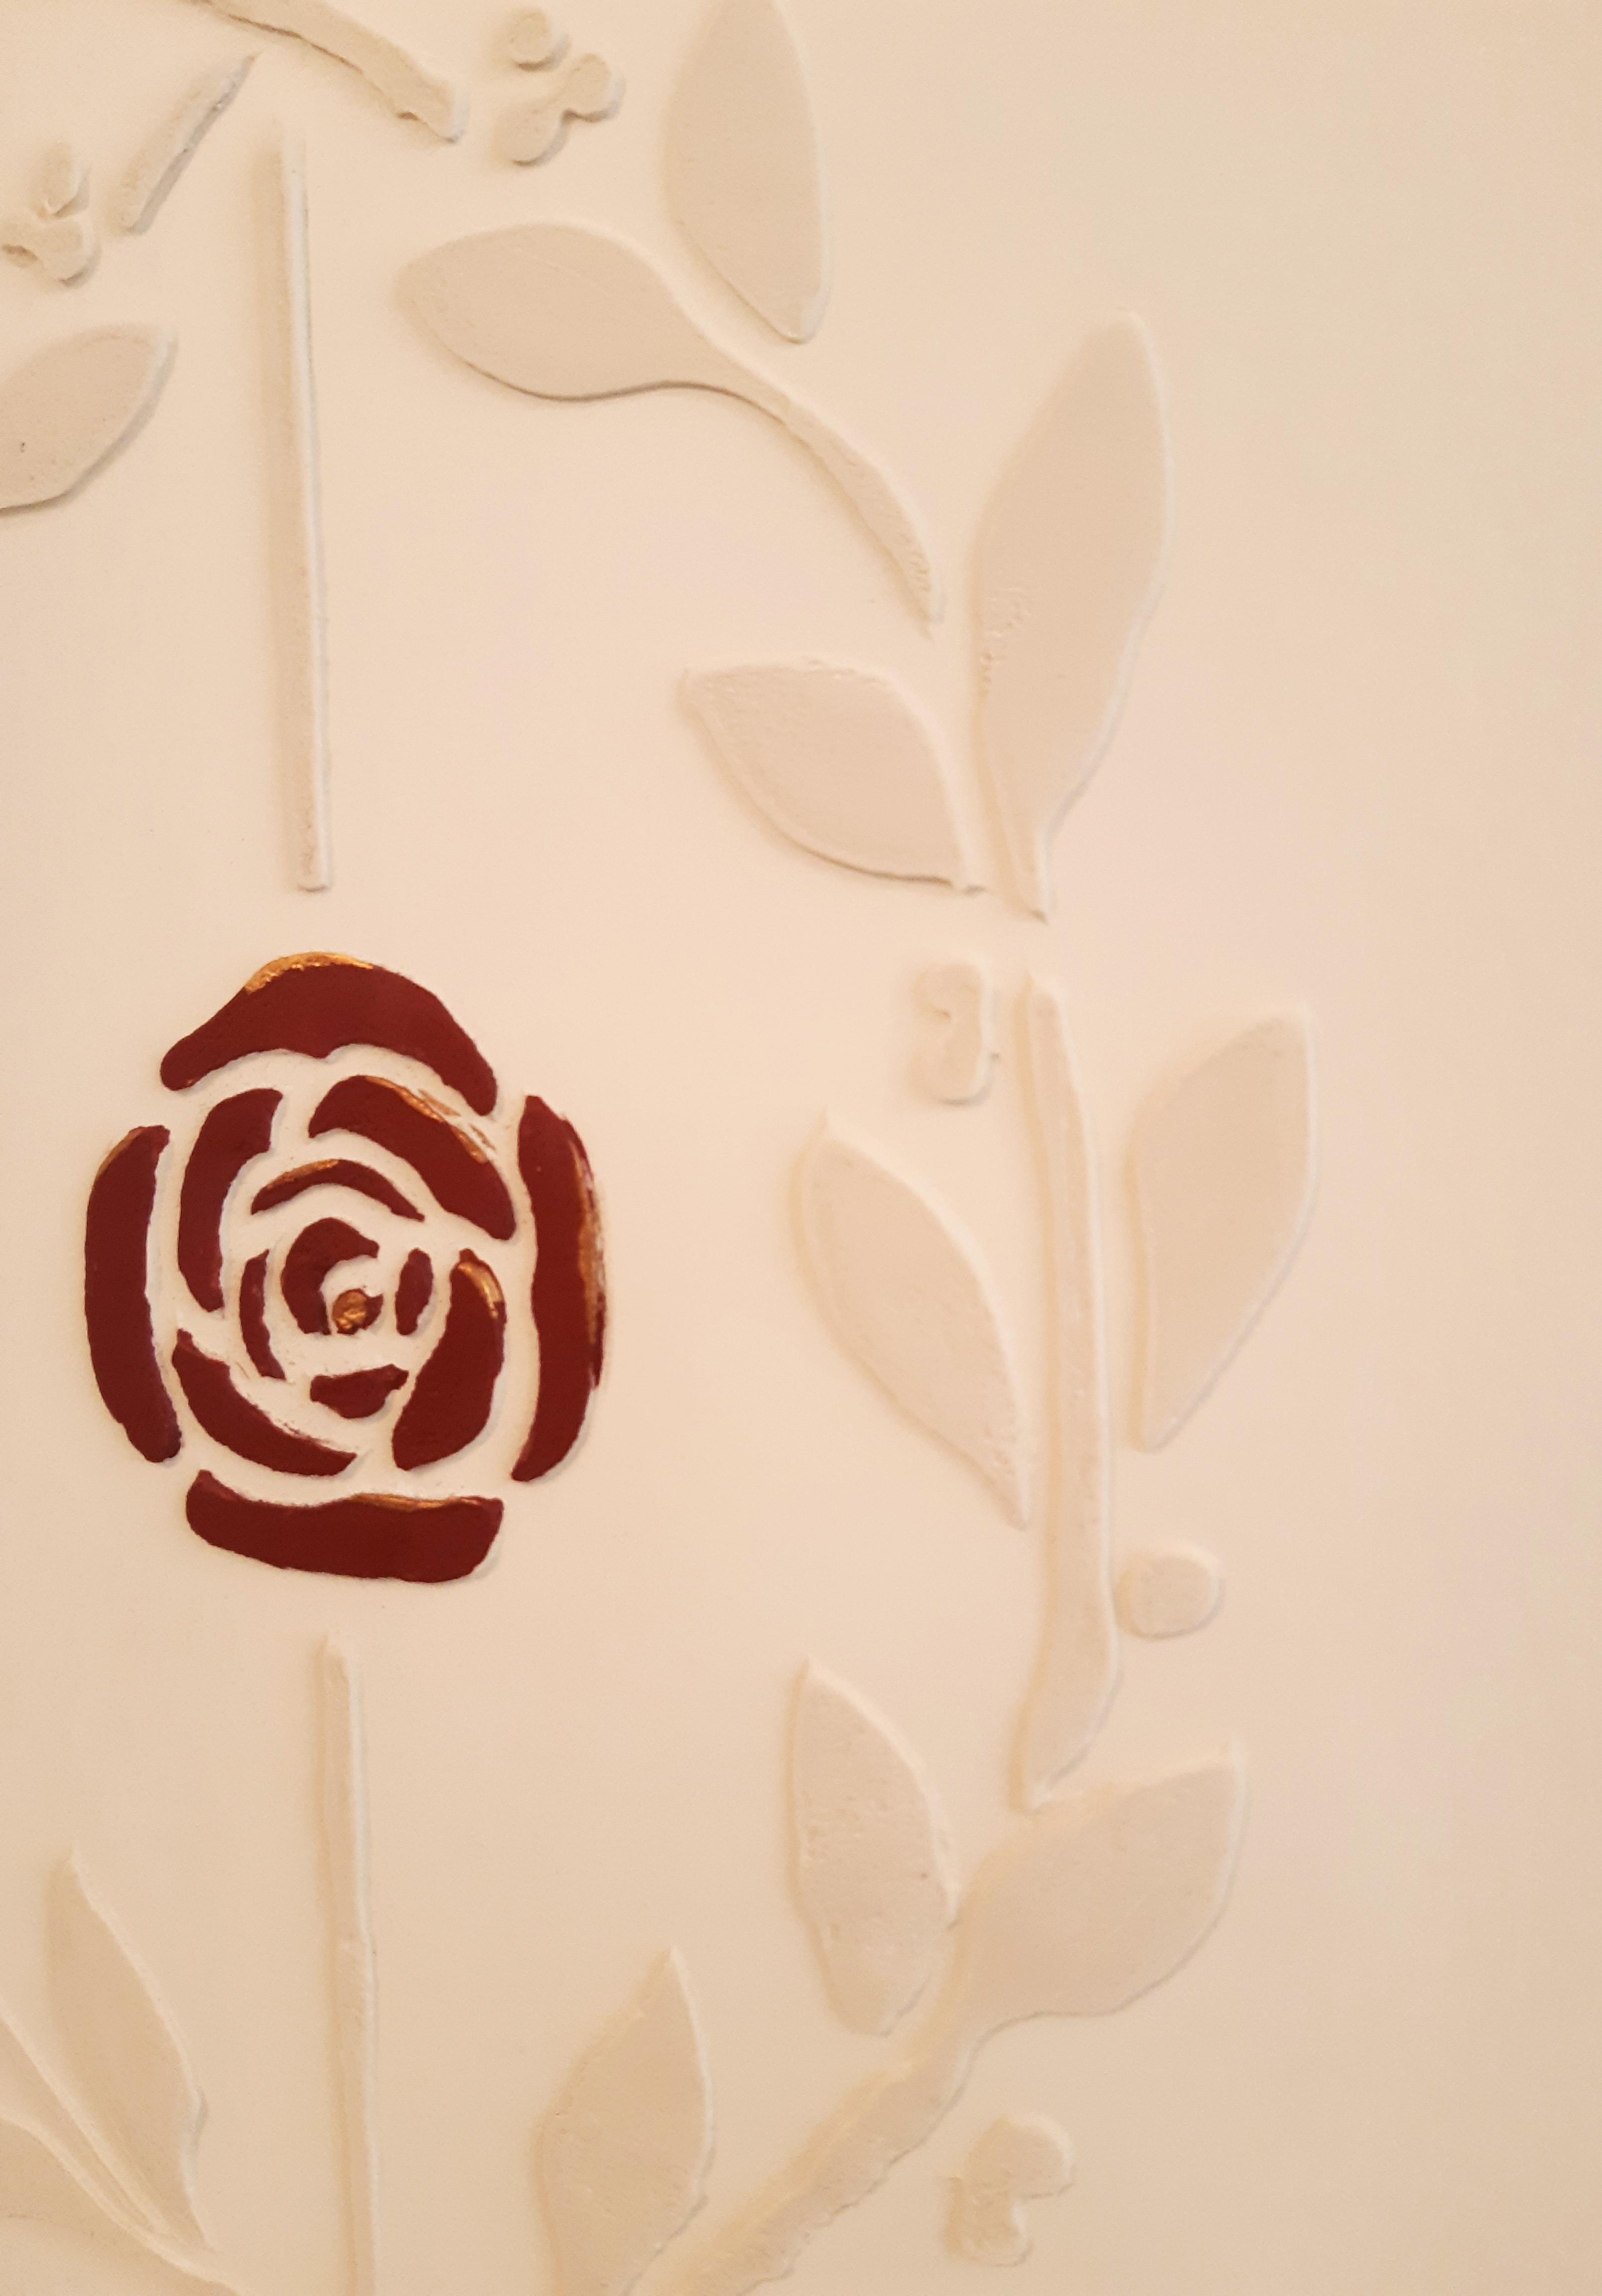 détail rose pochoir en relief lyon. Rouge sanguin